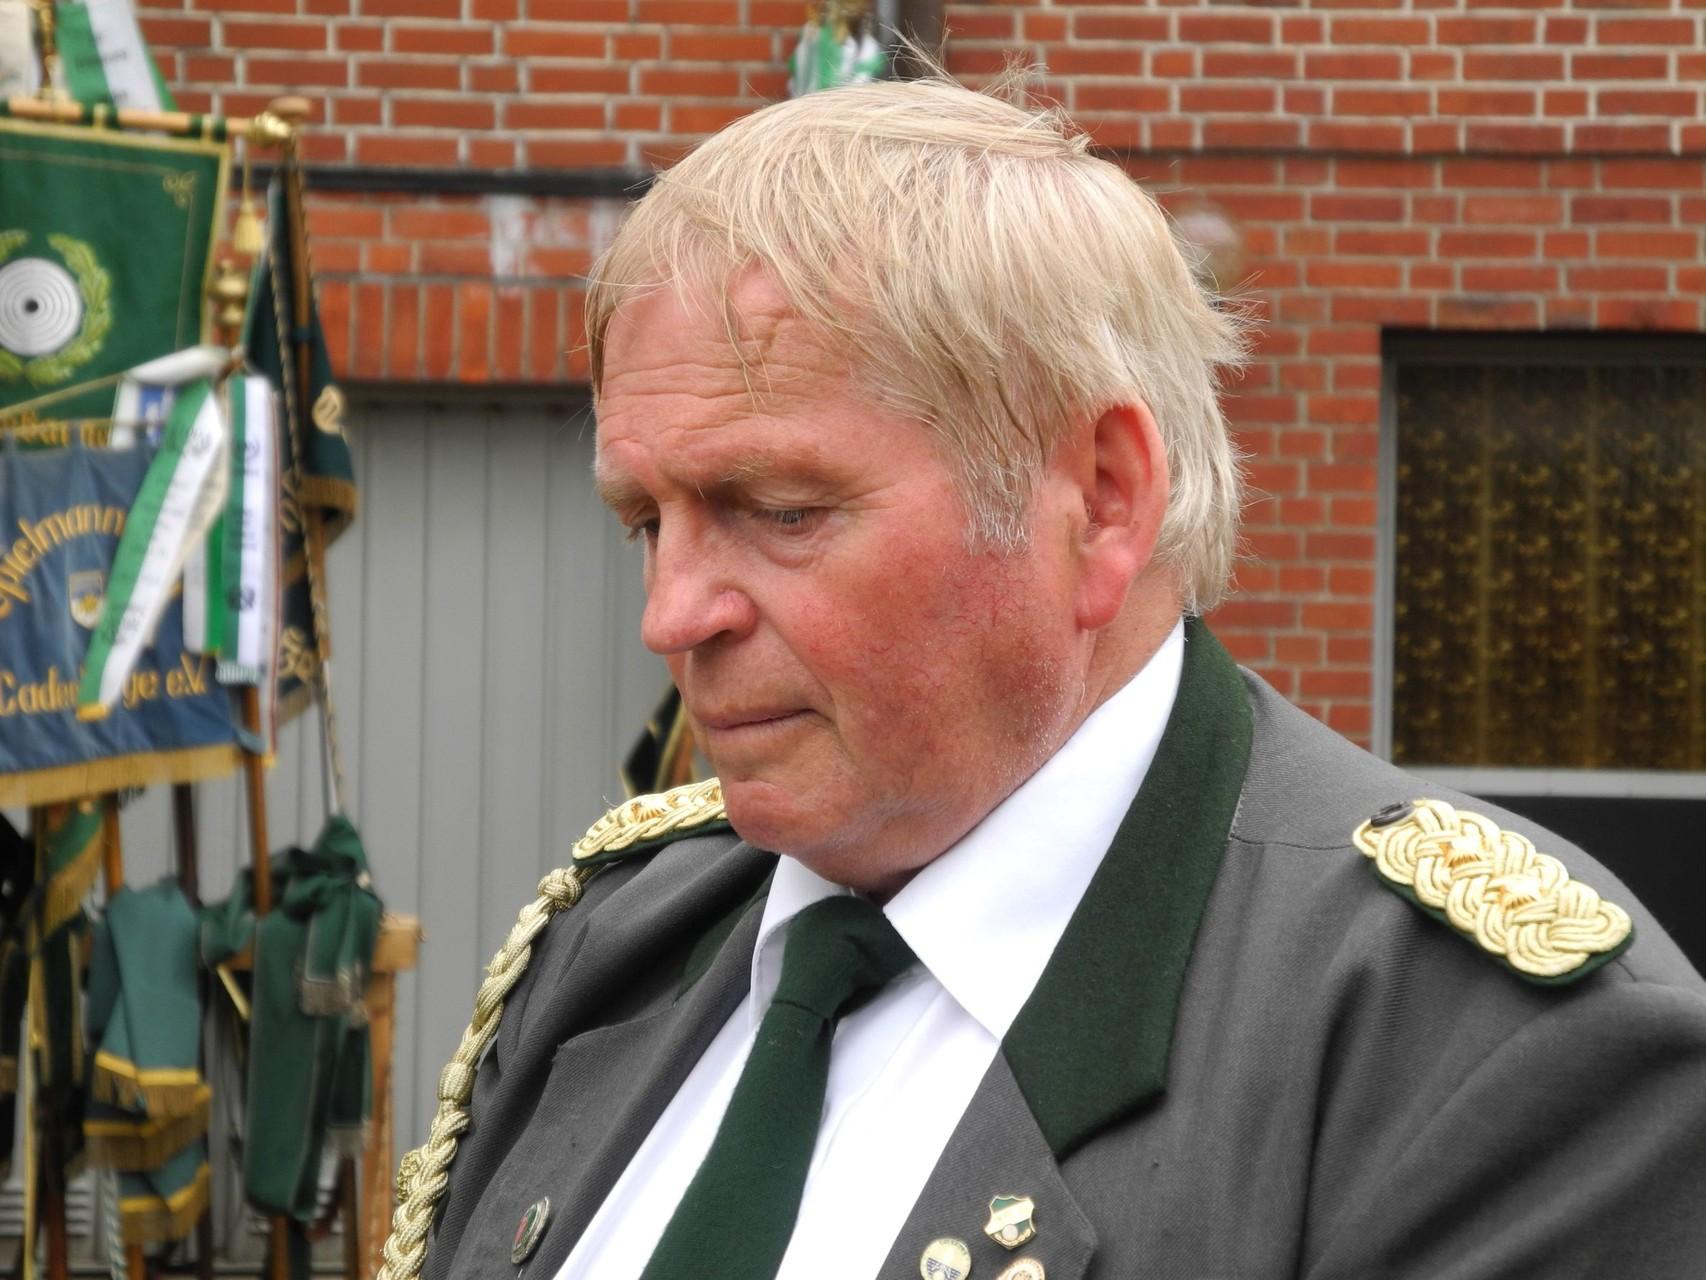 Wolfgang Tiedemann lauscht seiner Laudatio. Foto: Jürgen Bauer